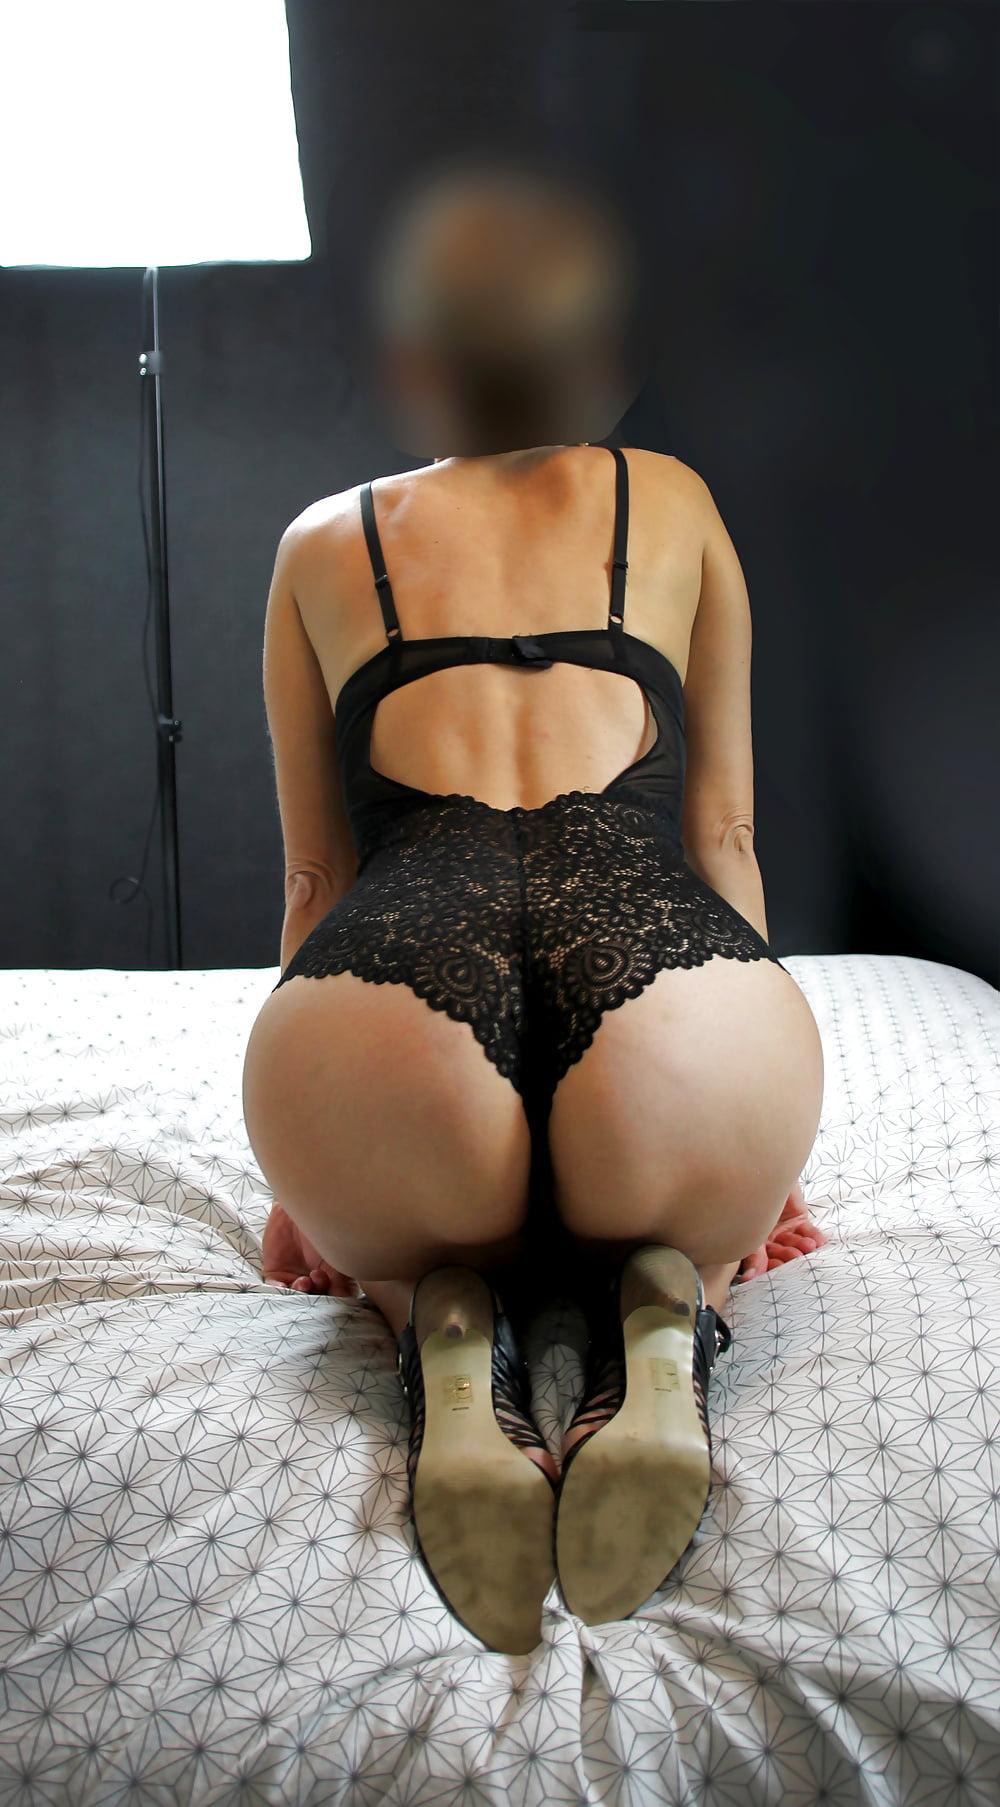 Nude Pix Free weird penetration